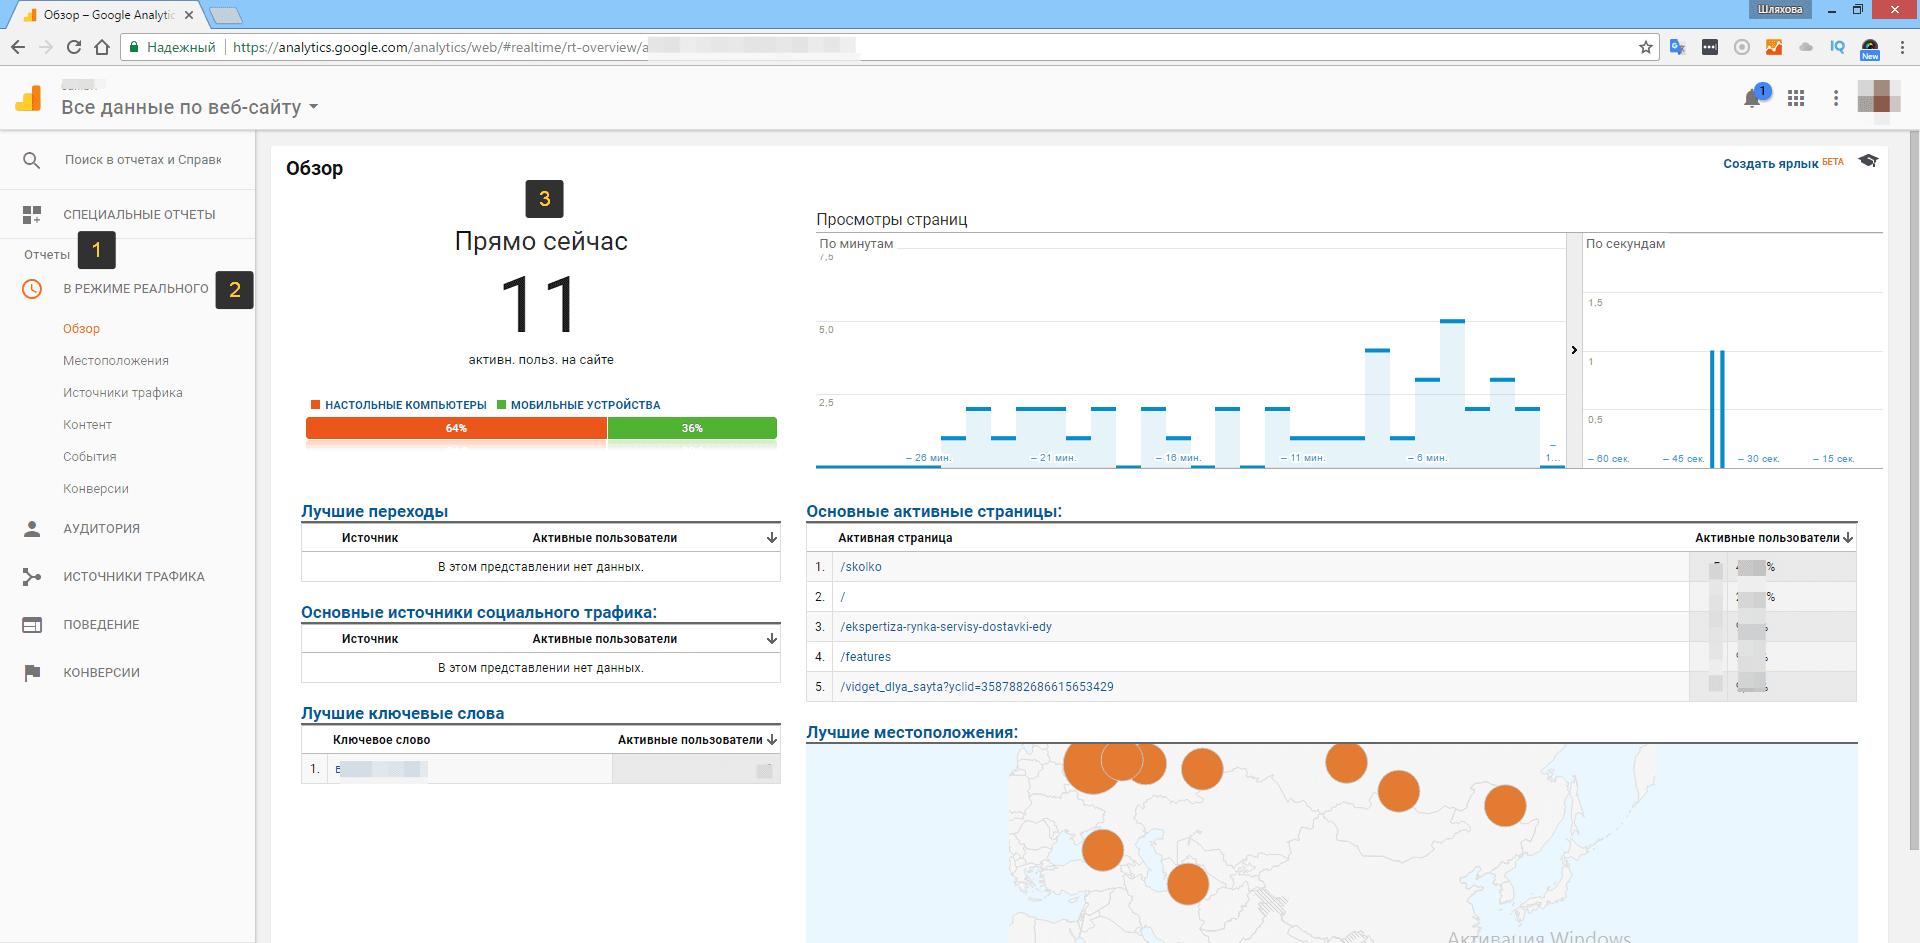 Гугл Аналитикс Отчет в Режиме реального времени